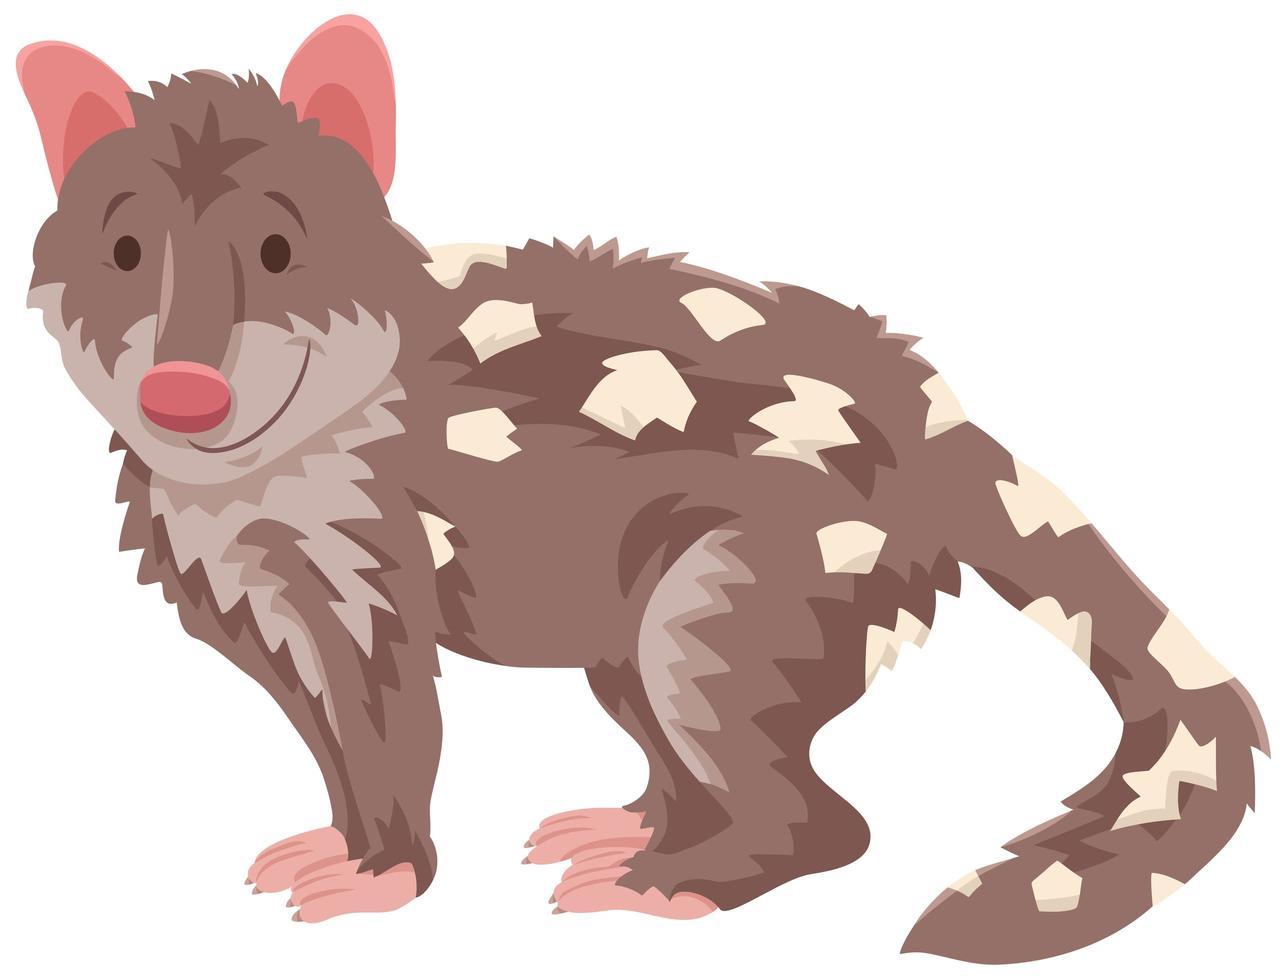 personnage animal sauvage de dessin animé quoll vecteur